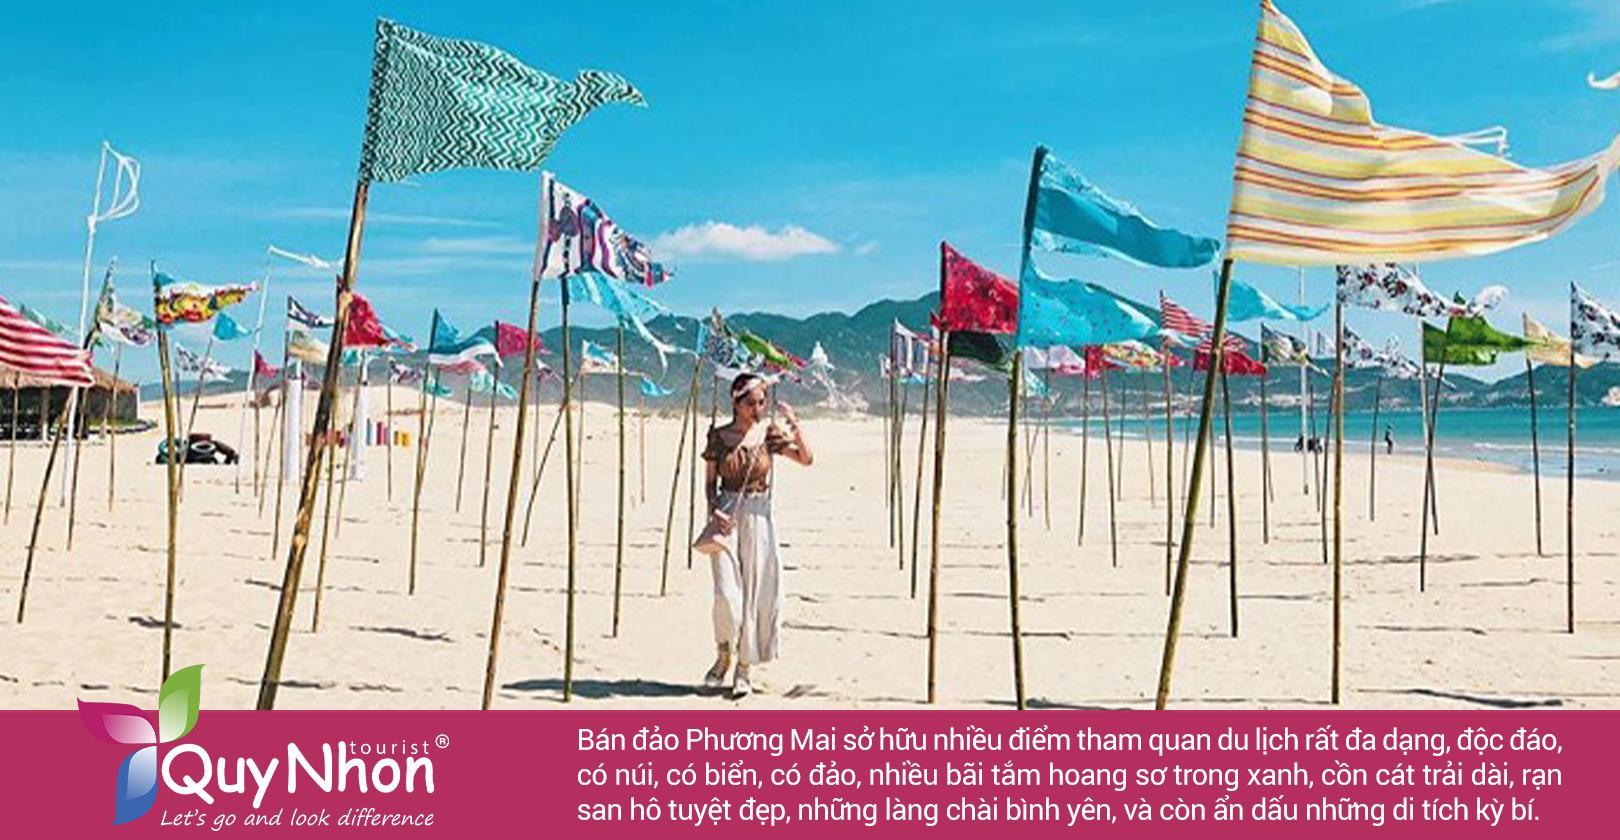 Không thể bỏ qua bán đảo Phương Mai trên bản đồ du lịch Bình Định